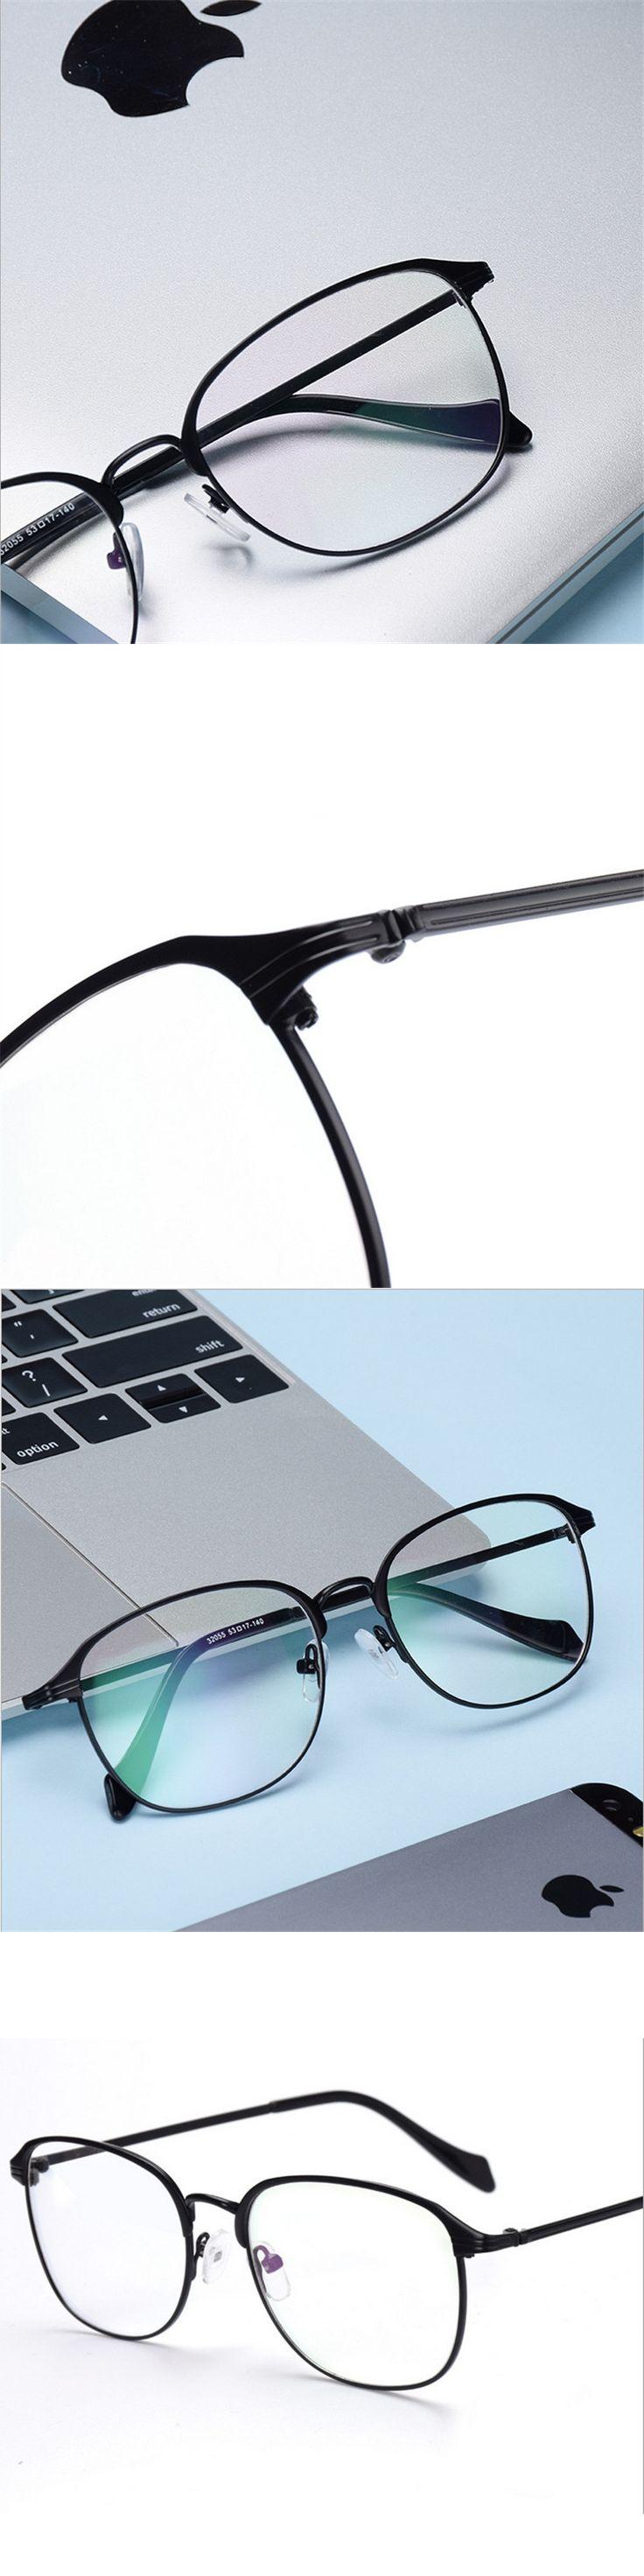 Square box eye glasses frames for men and women glasses frame prescription eyewear fashion mens eyeglasses 32055